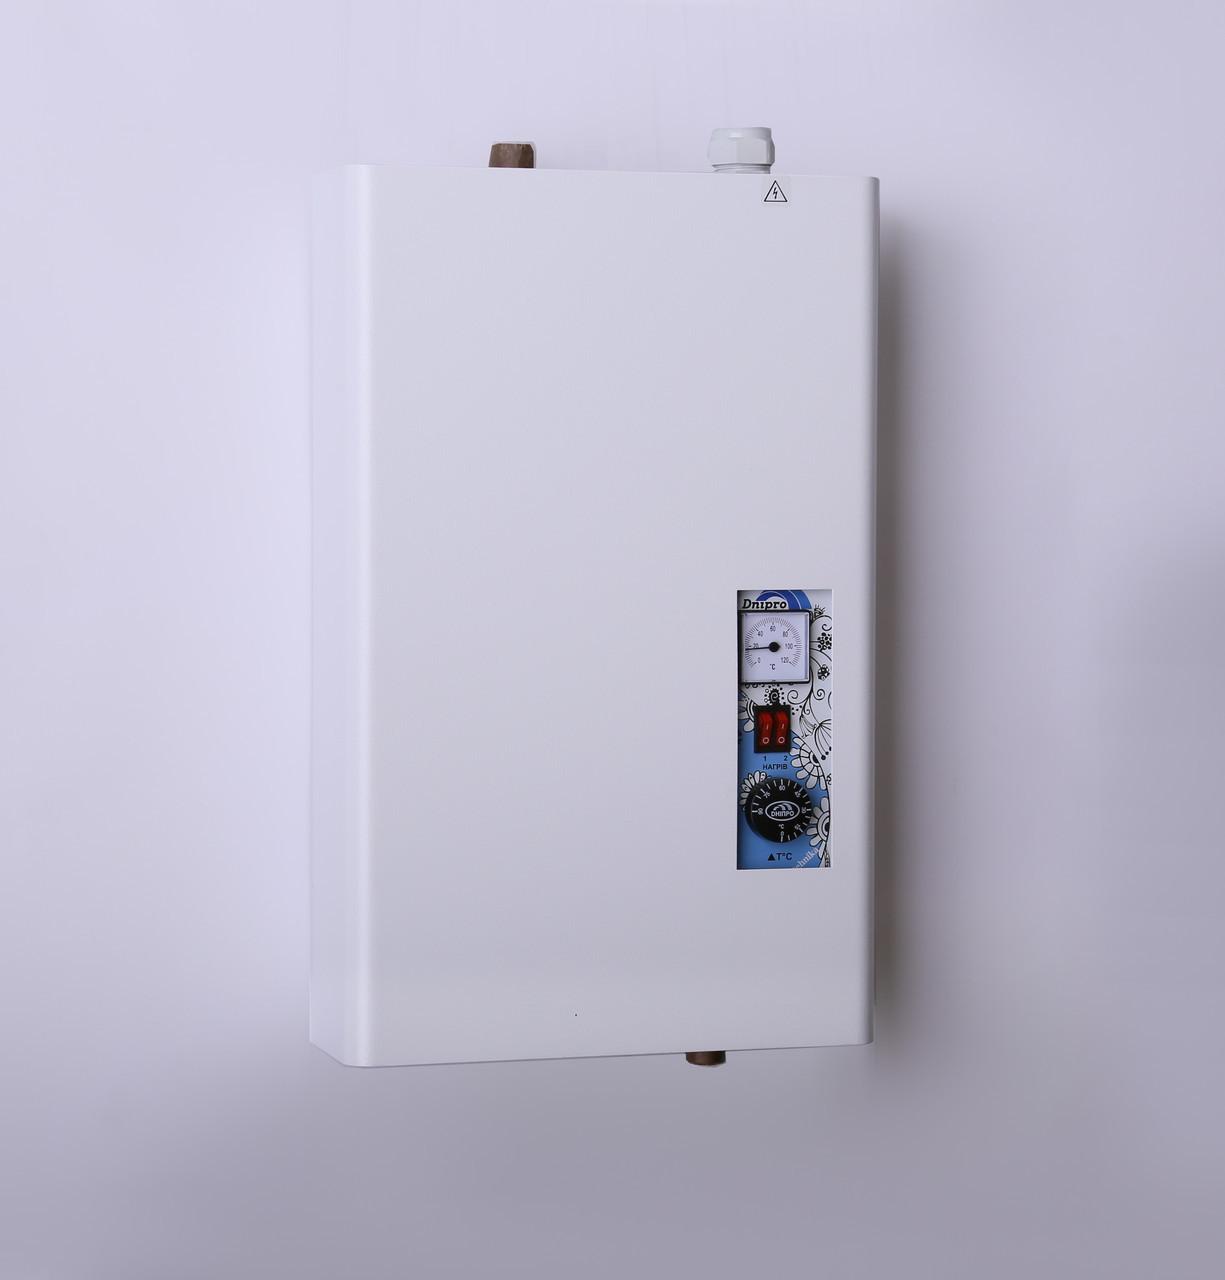 Котел электрический Днипро Мини без насоса КЕО - 18 кВт 380 В